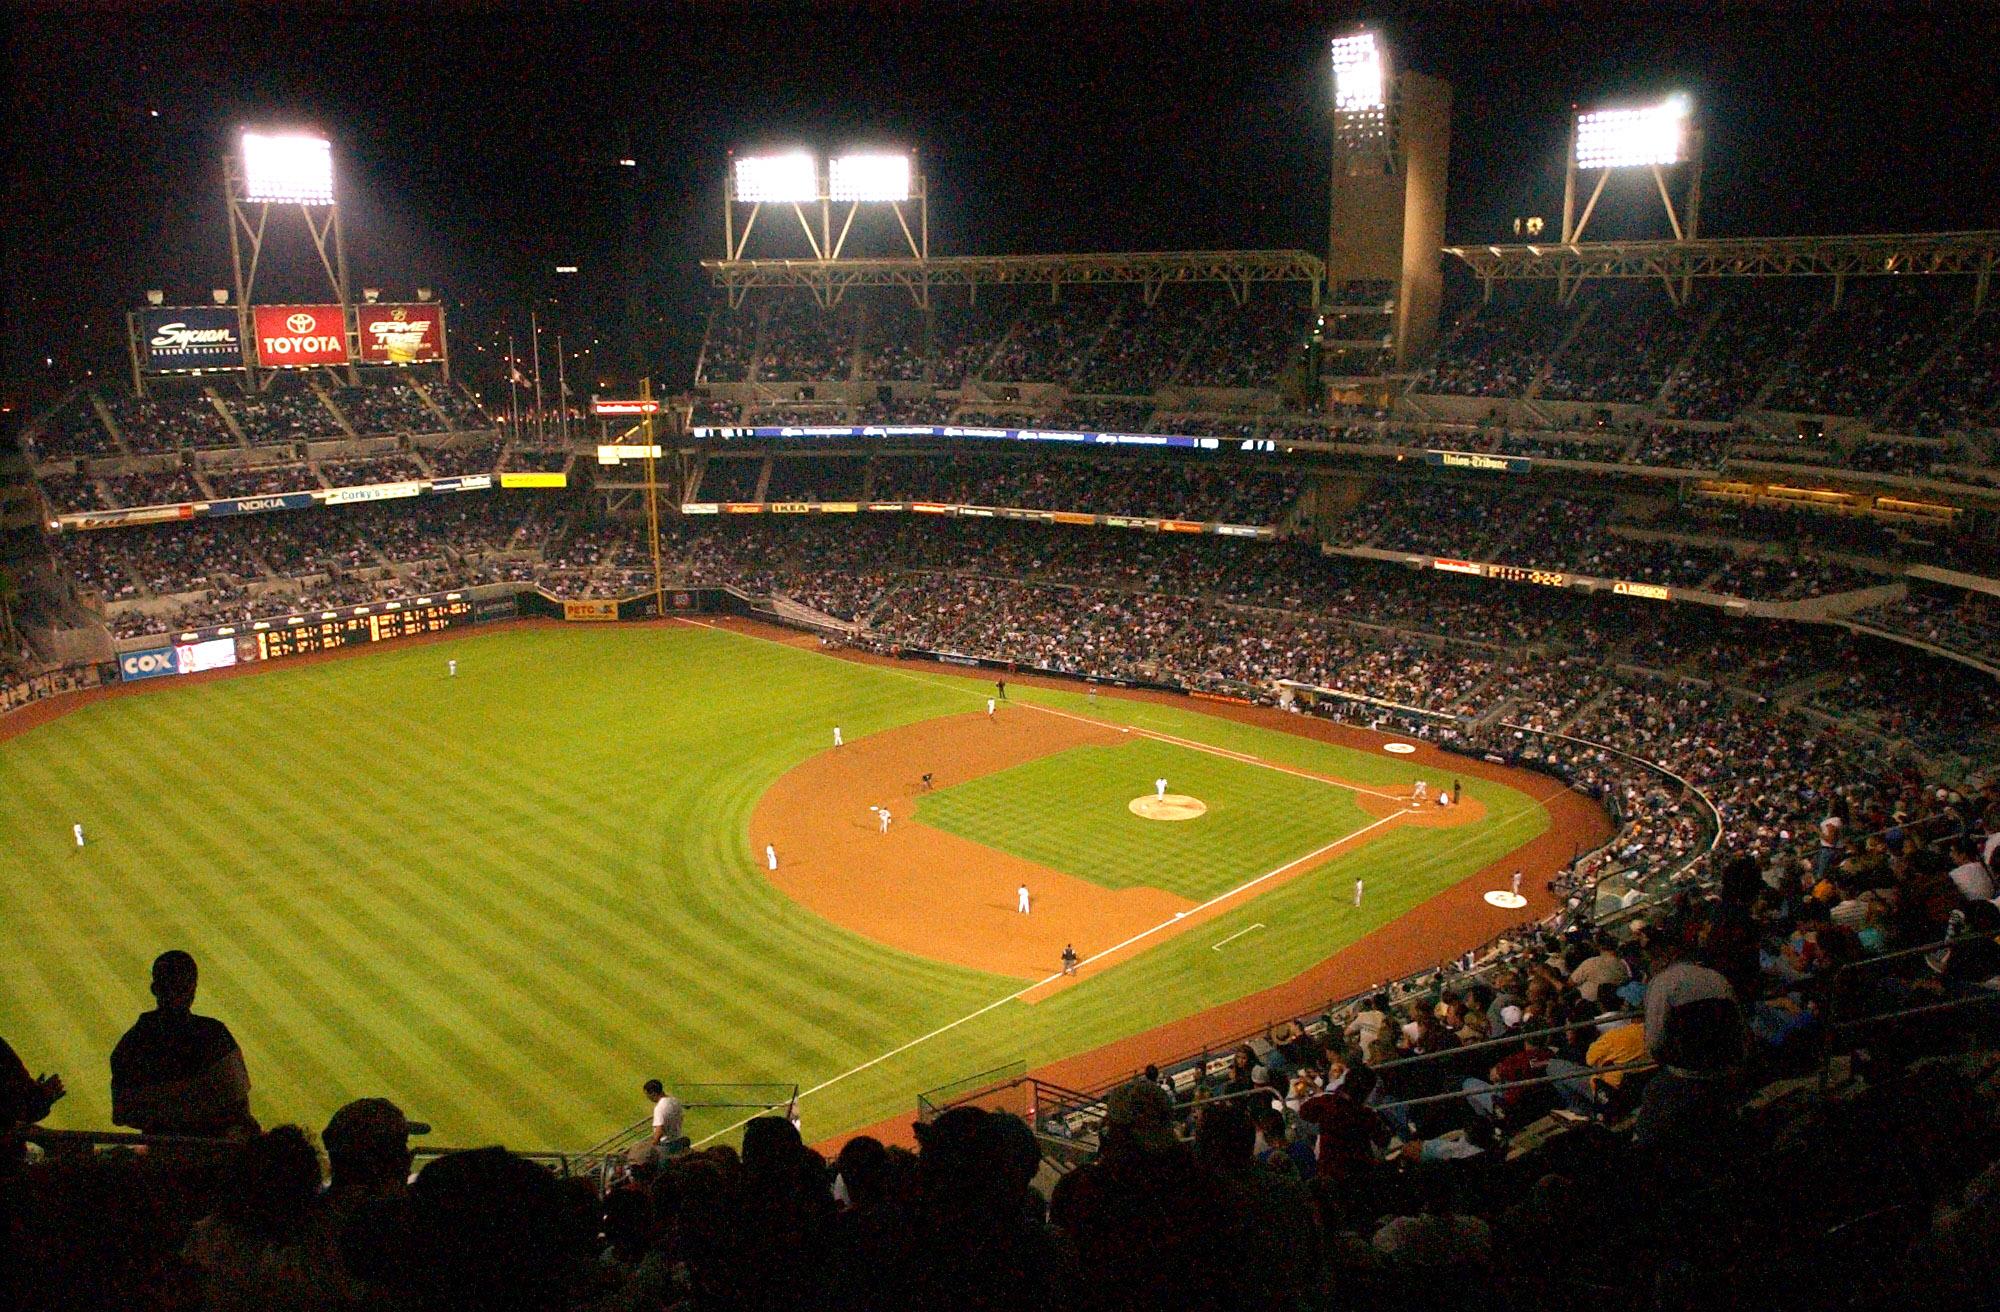 Entender el Juego del Béisbol (VIII): Comparar pitchers